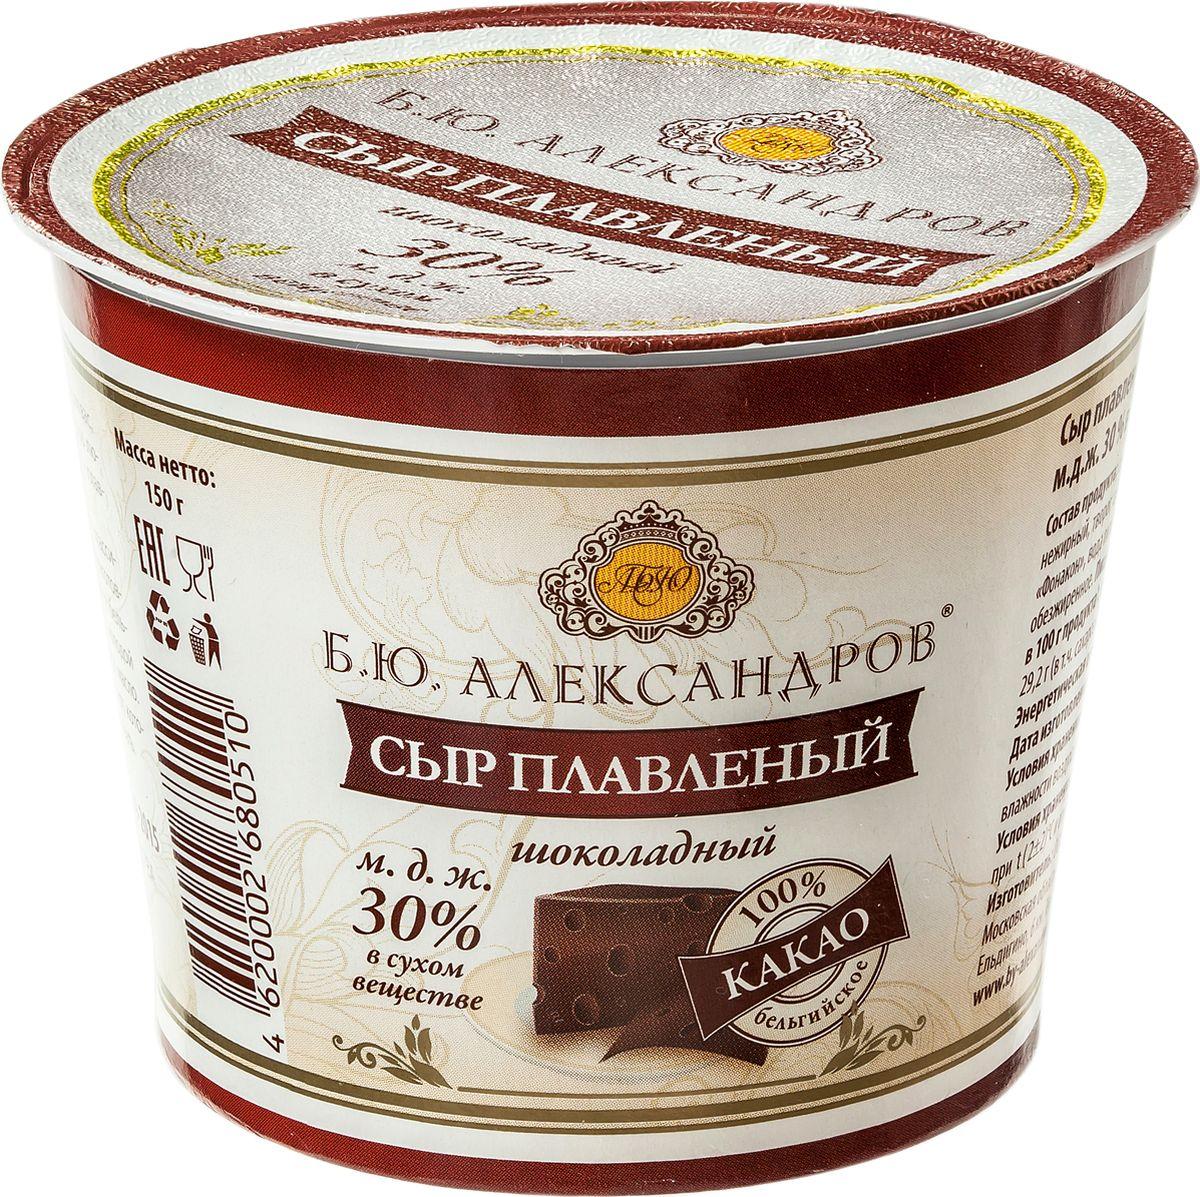 Б.Ю.Александров Сыр Шоколадный плавленый 30%, 150 г ростагроэкспорт сыр дружба плавленый 400 г